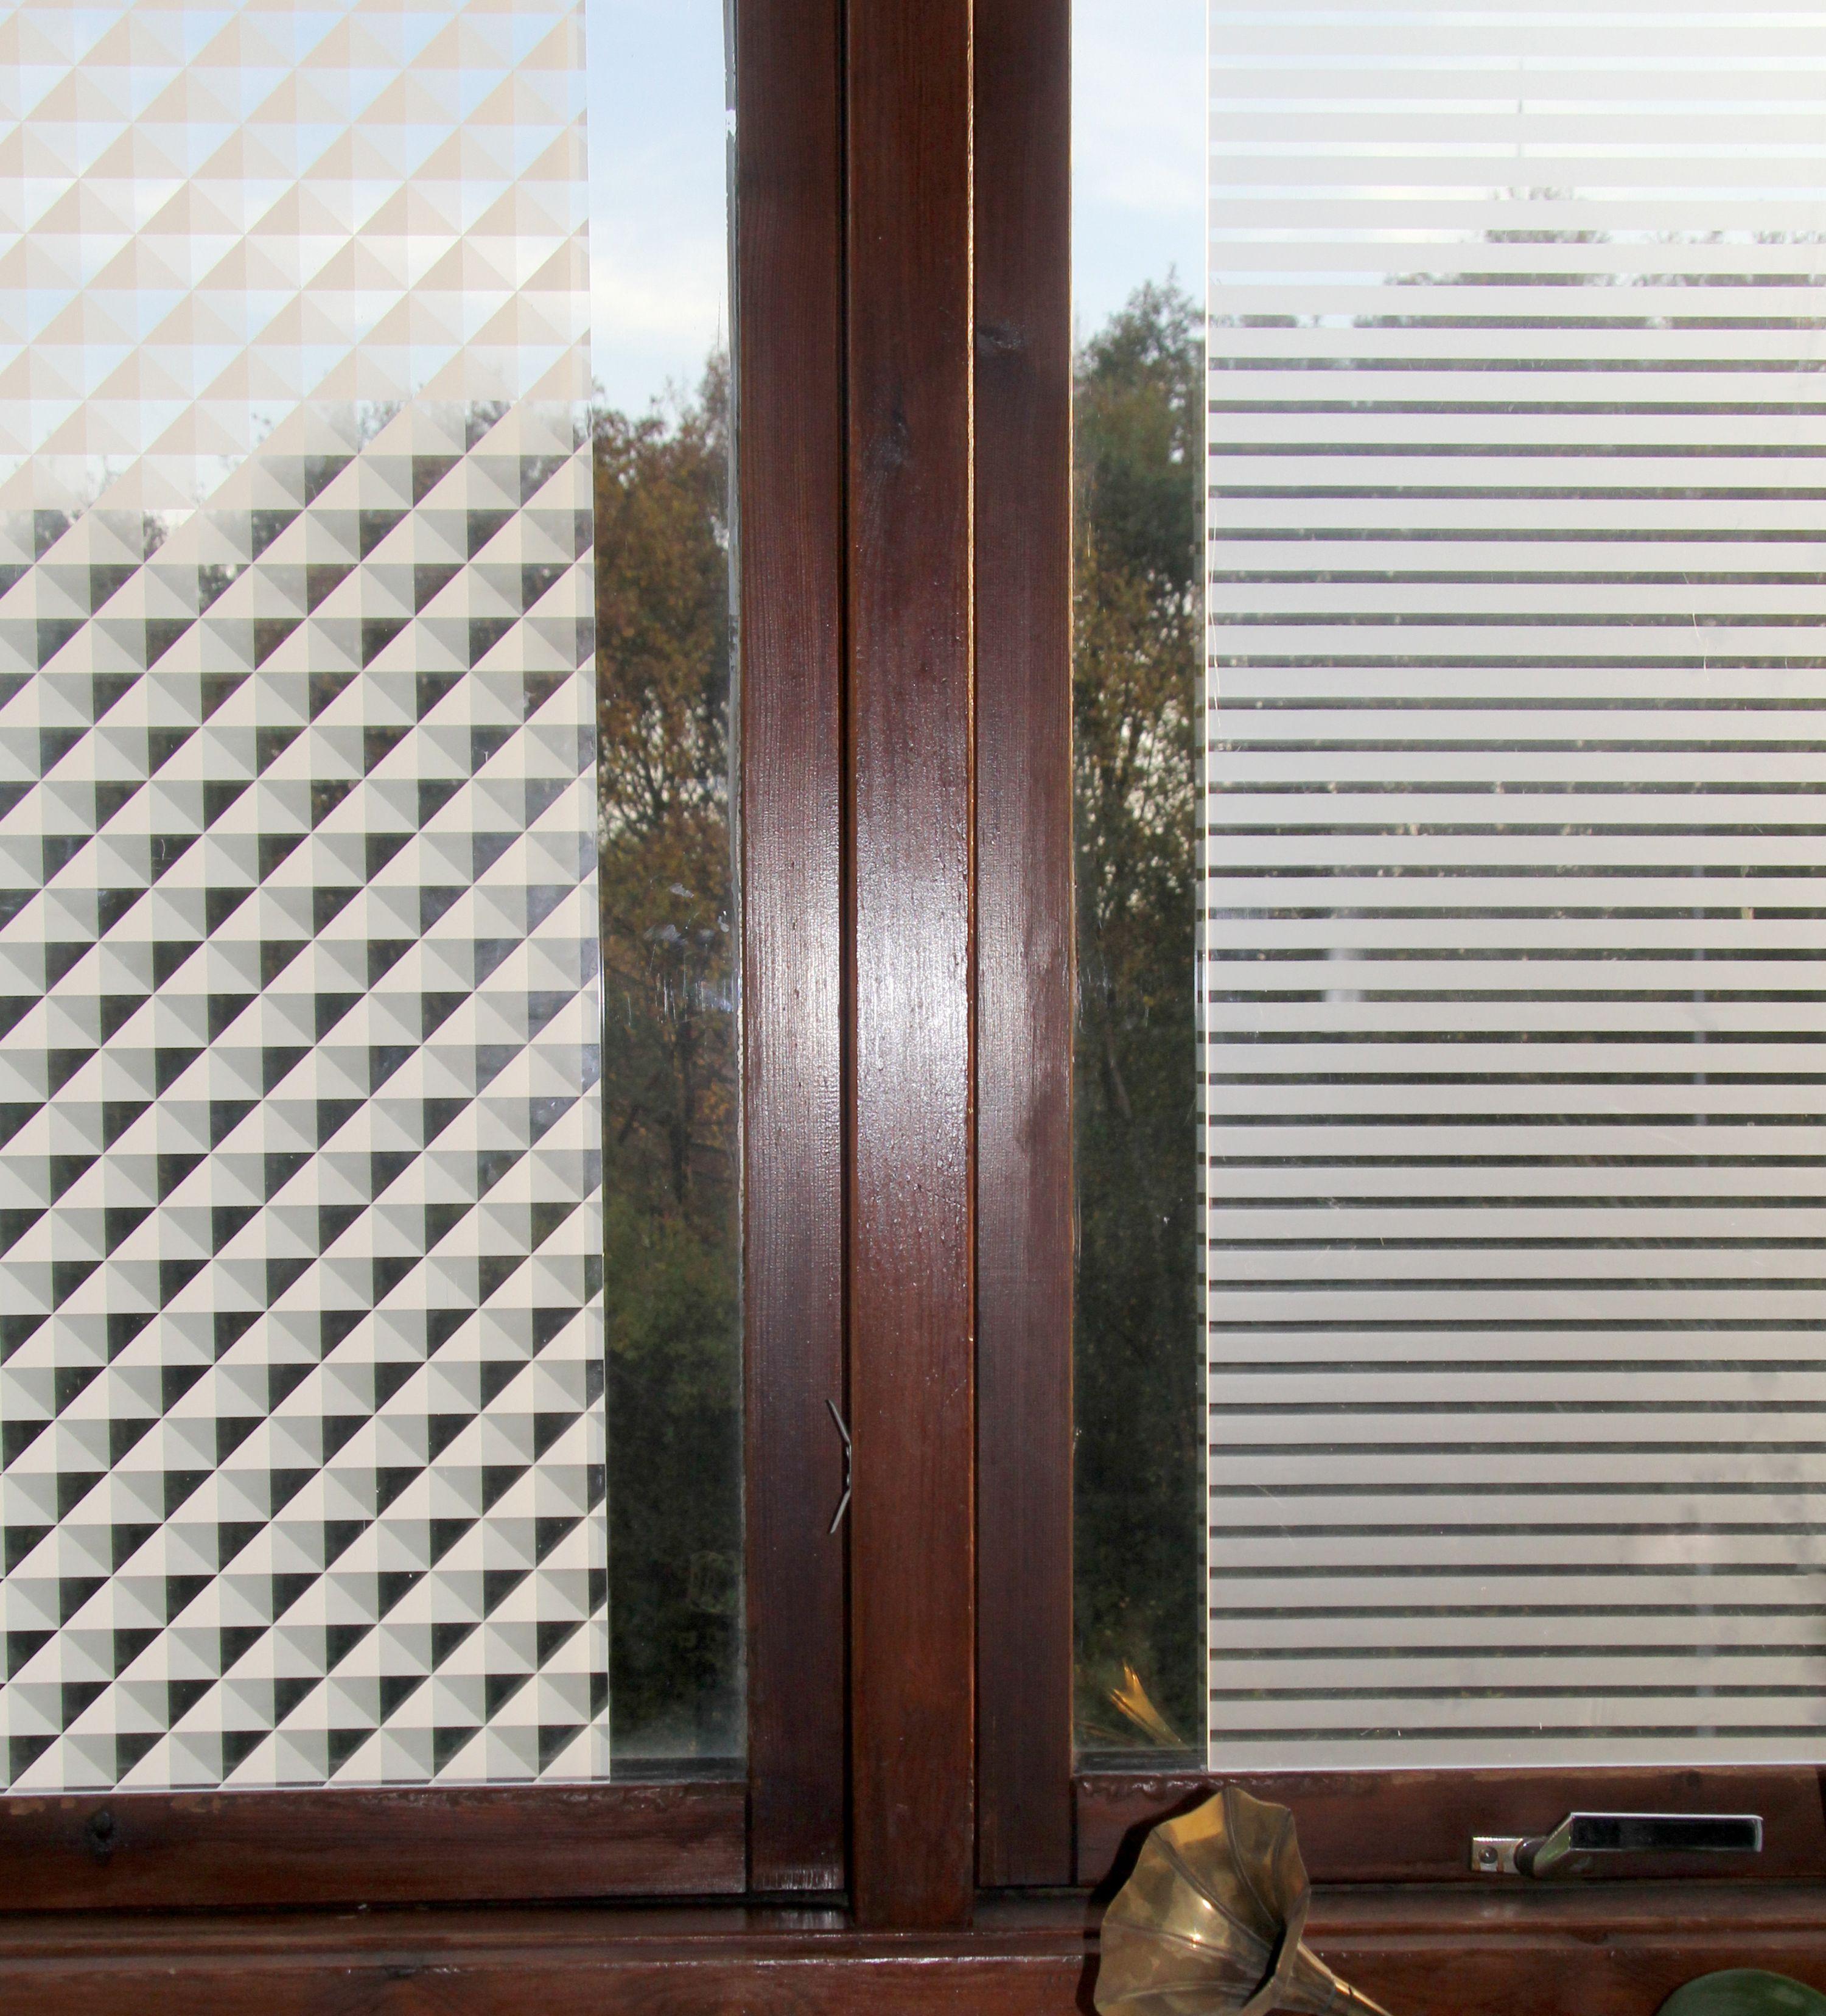 dekorationsfolie til vinduer